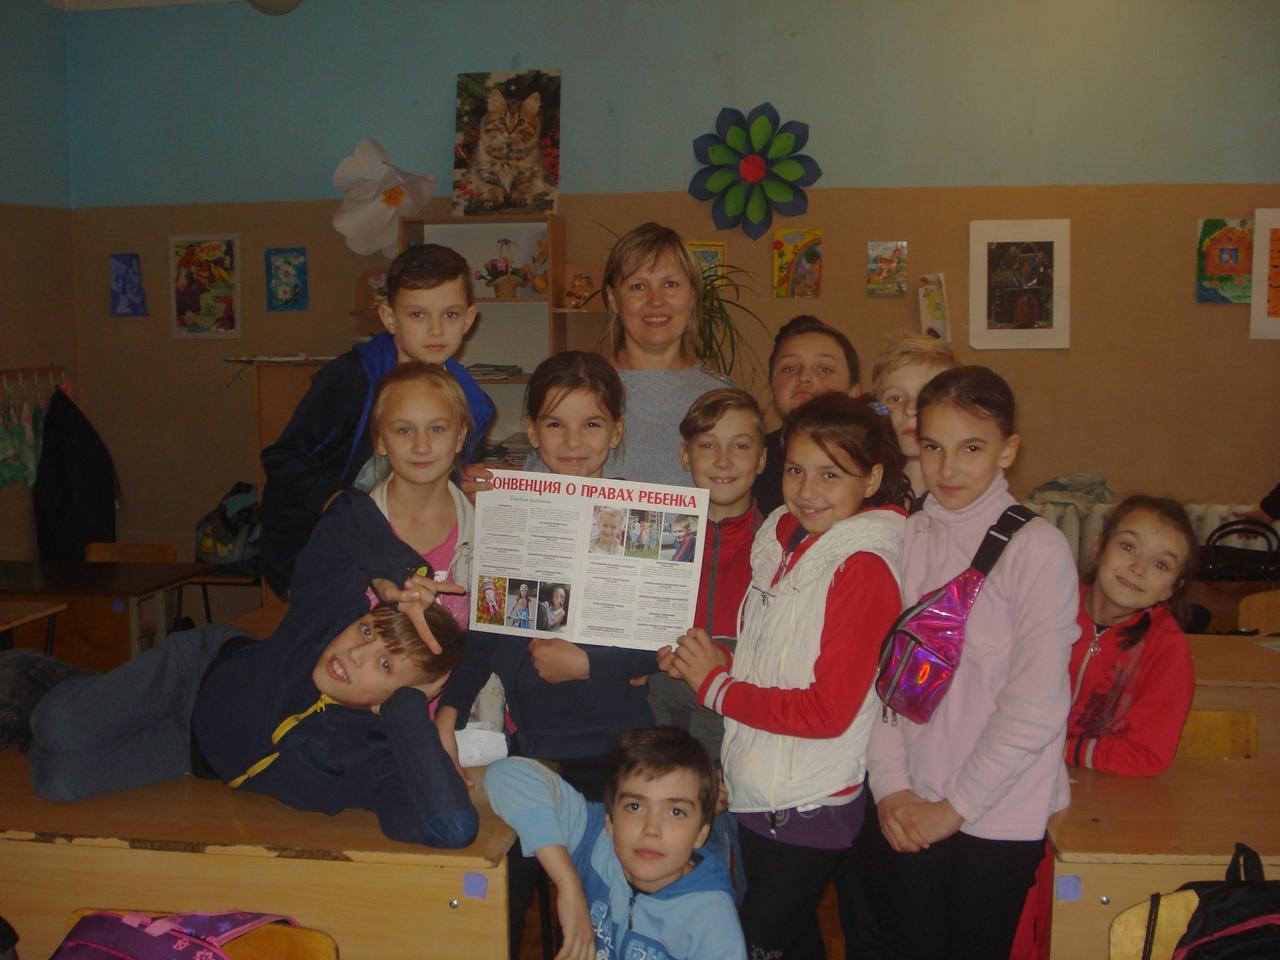 донецкая республиканская библиотека для детей, права детей, правовое воспитание подростков, с библиотекой интересно, отдел обслуживания учащихся 5-9 классов